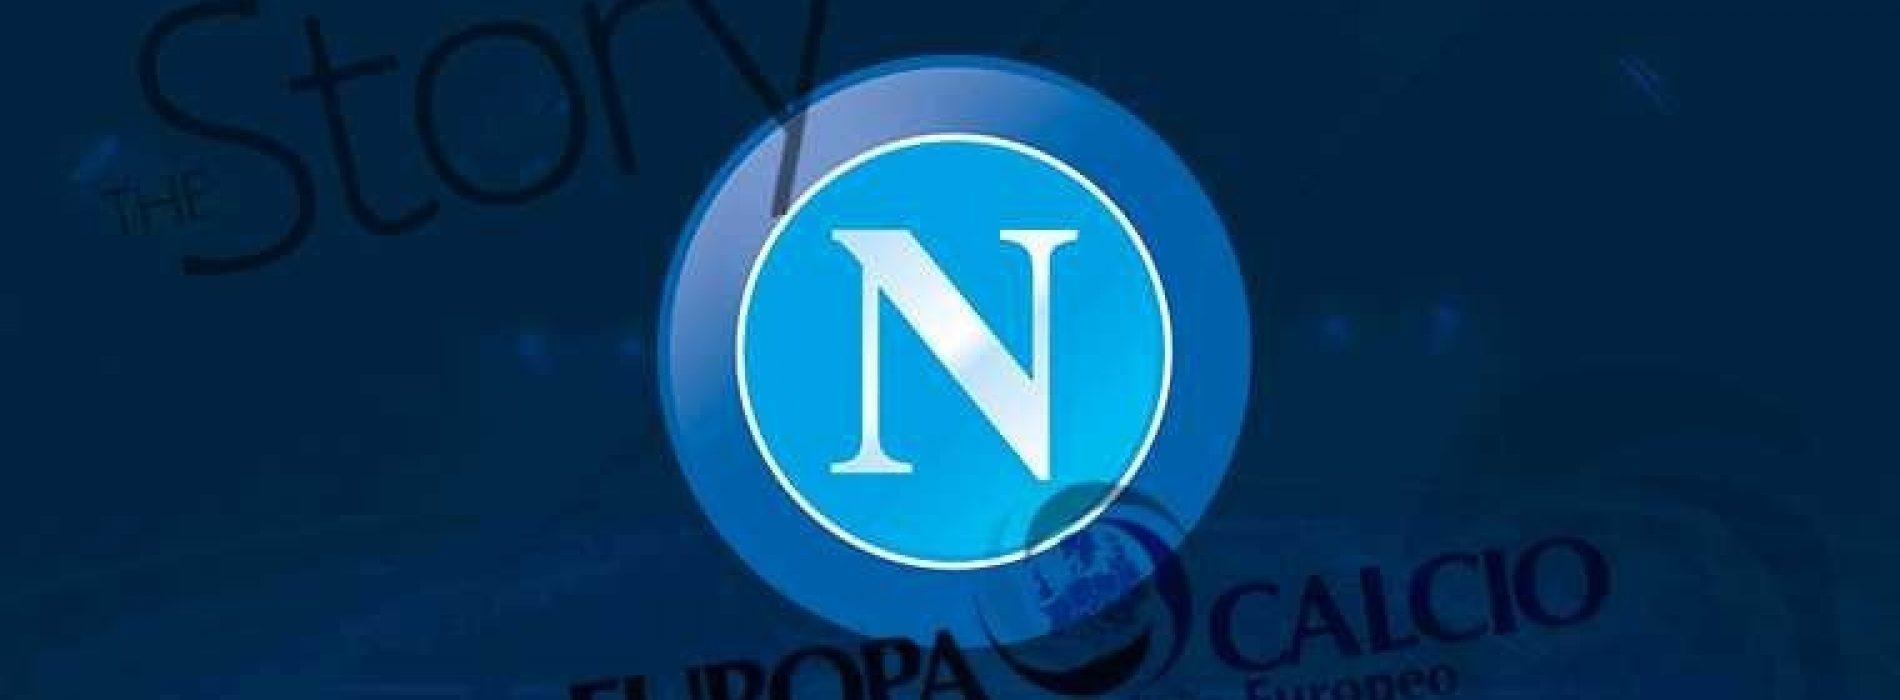 Napoli story dal 2004 ad oggi, tra delusioni e soddisfazioni